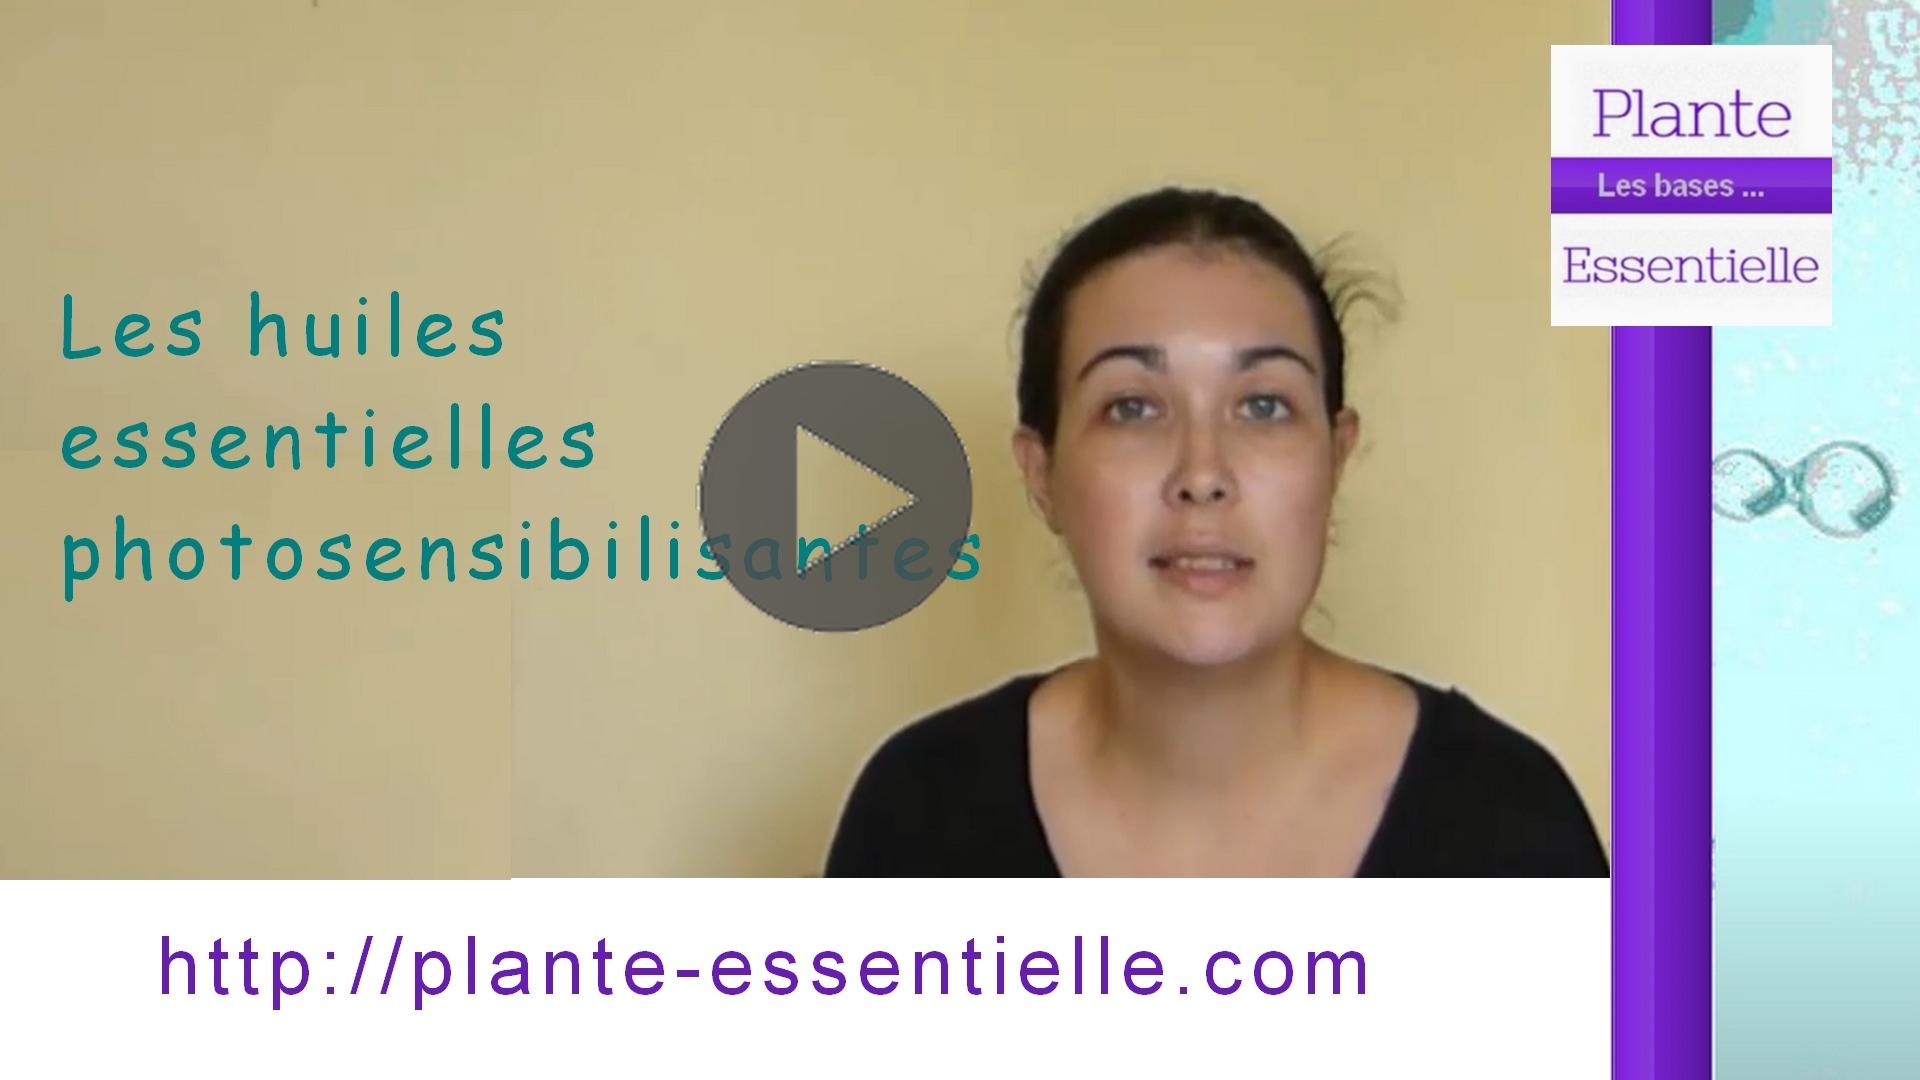 Les huiles essentielles photosensibilisantes [Vidéo]